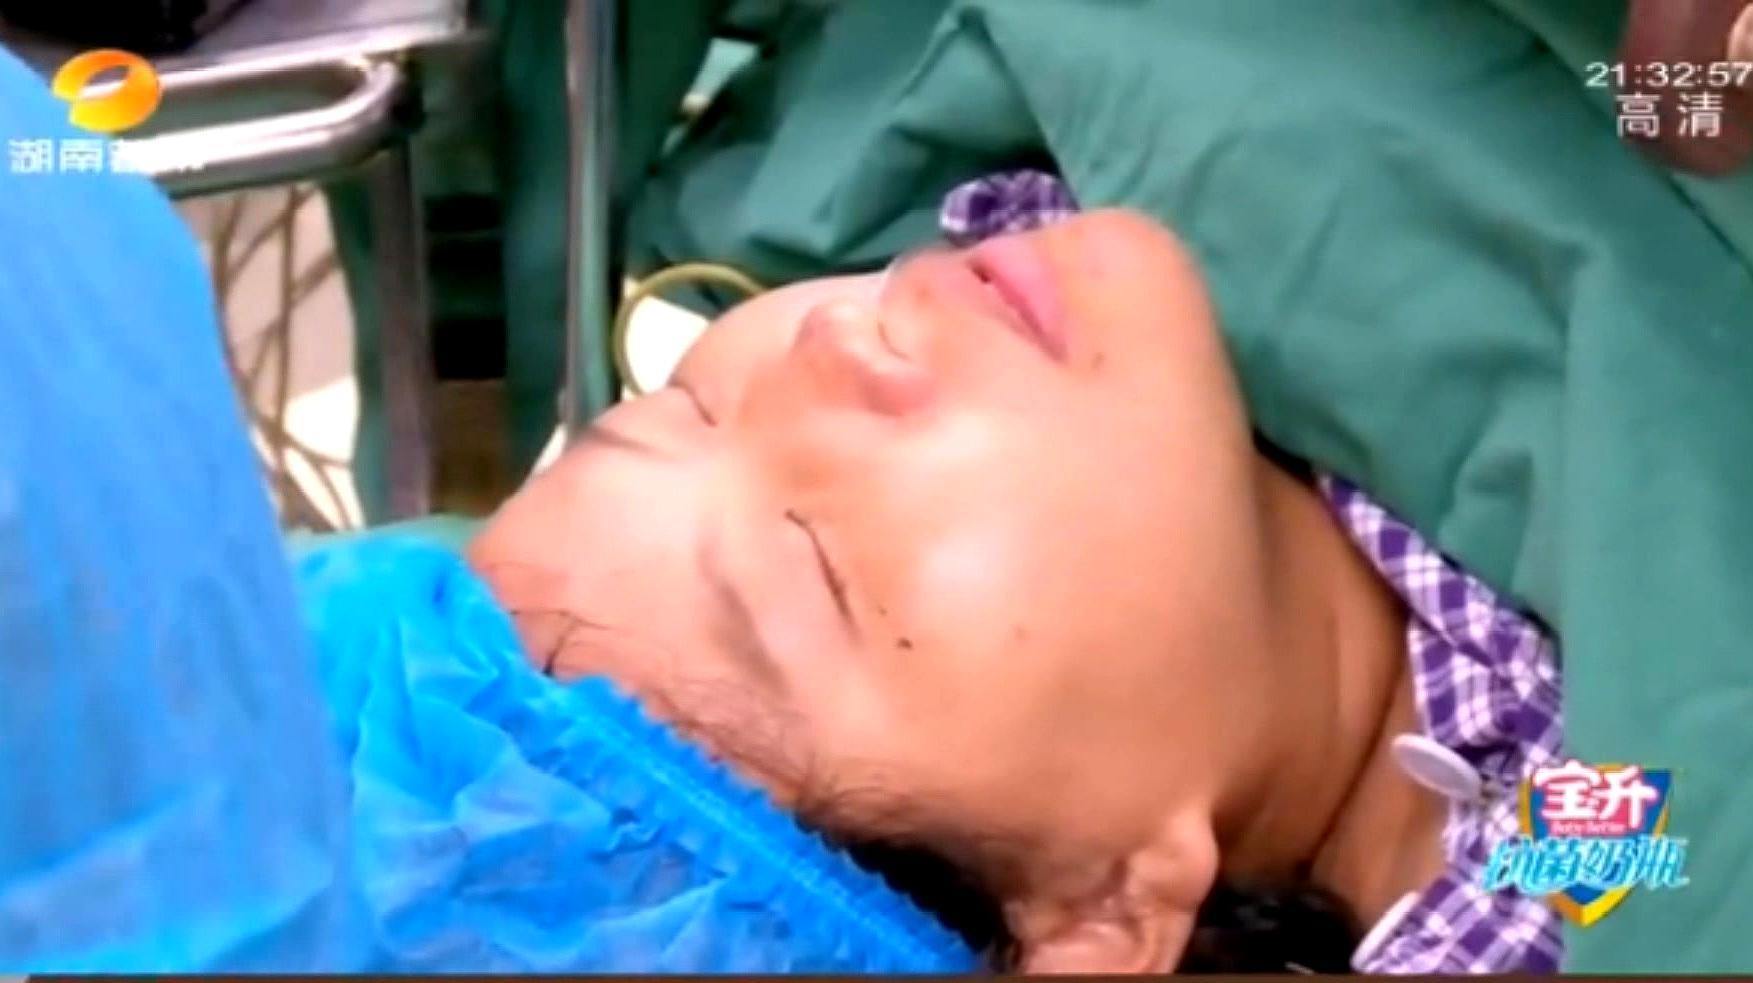 孕妈刨宫产,看到推肚子的一幕,实在是隔着屏幕抖觉得疼